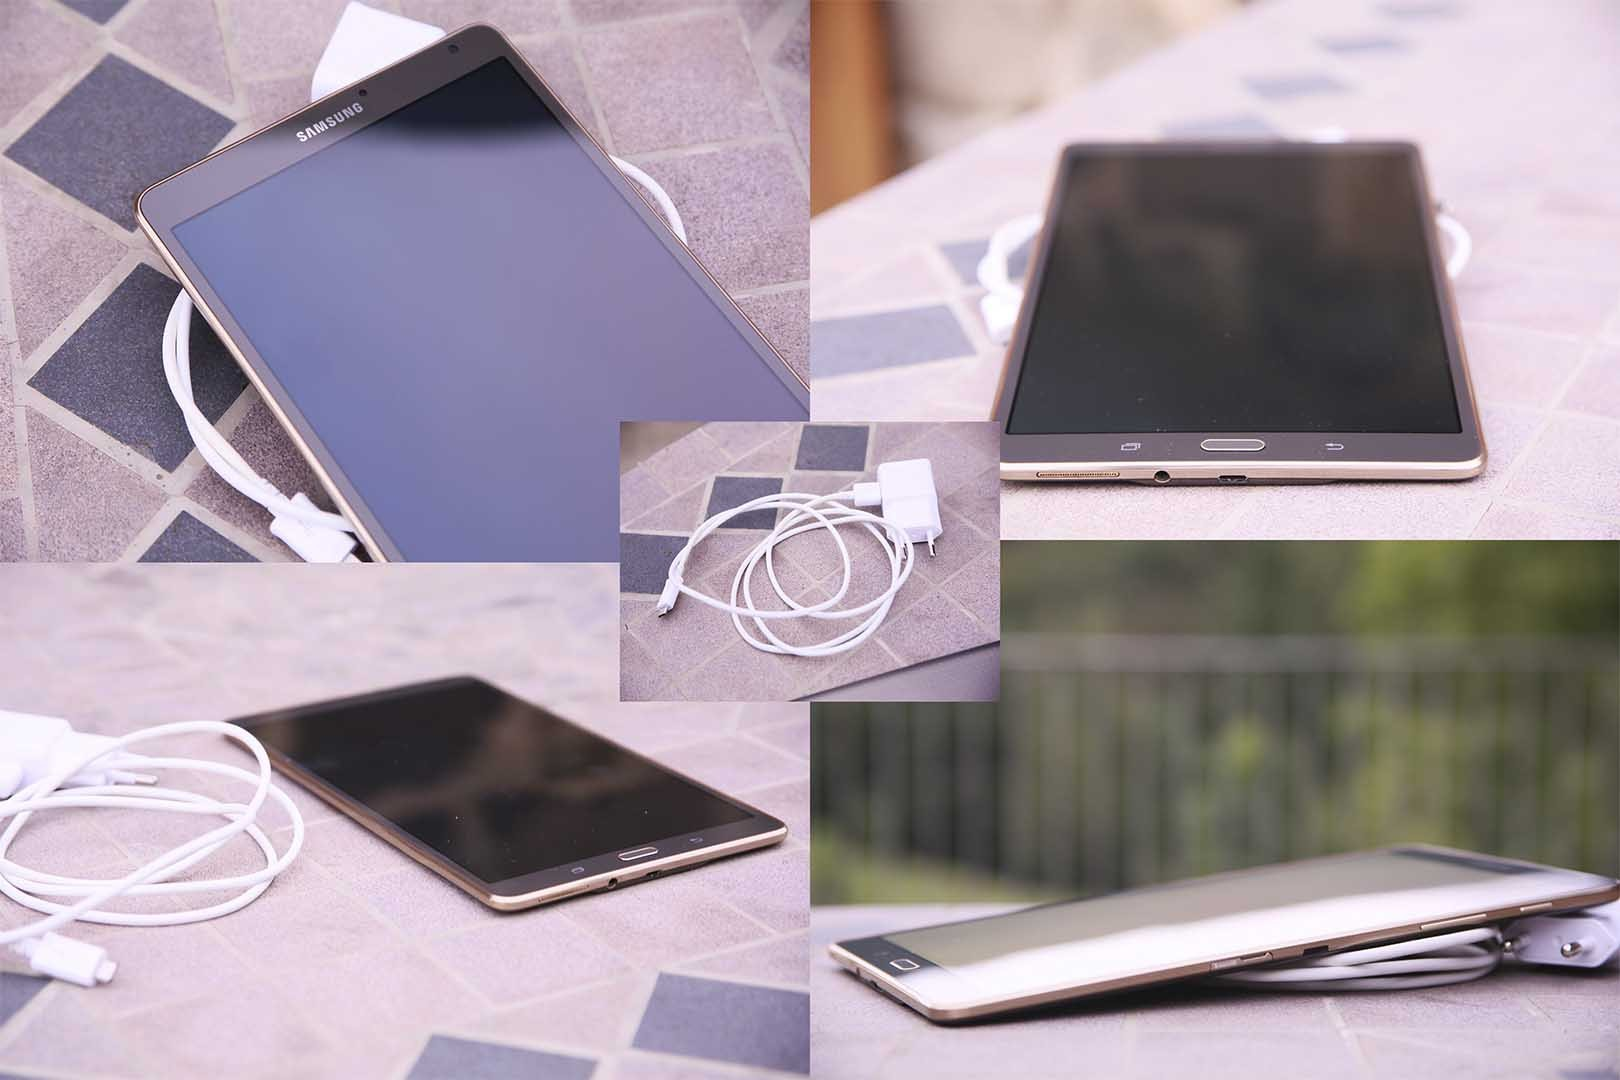 Tablette Samsung Galaxy Tab S 8,4 16 Go Wi-Fi